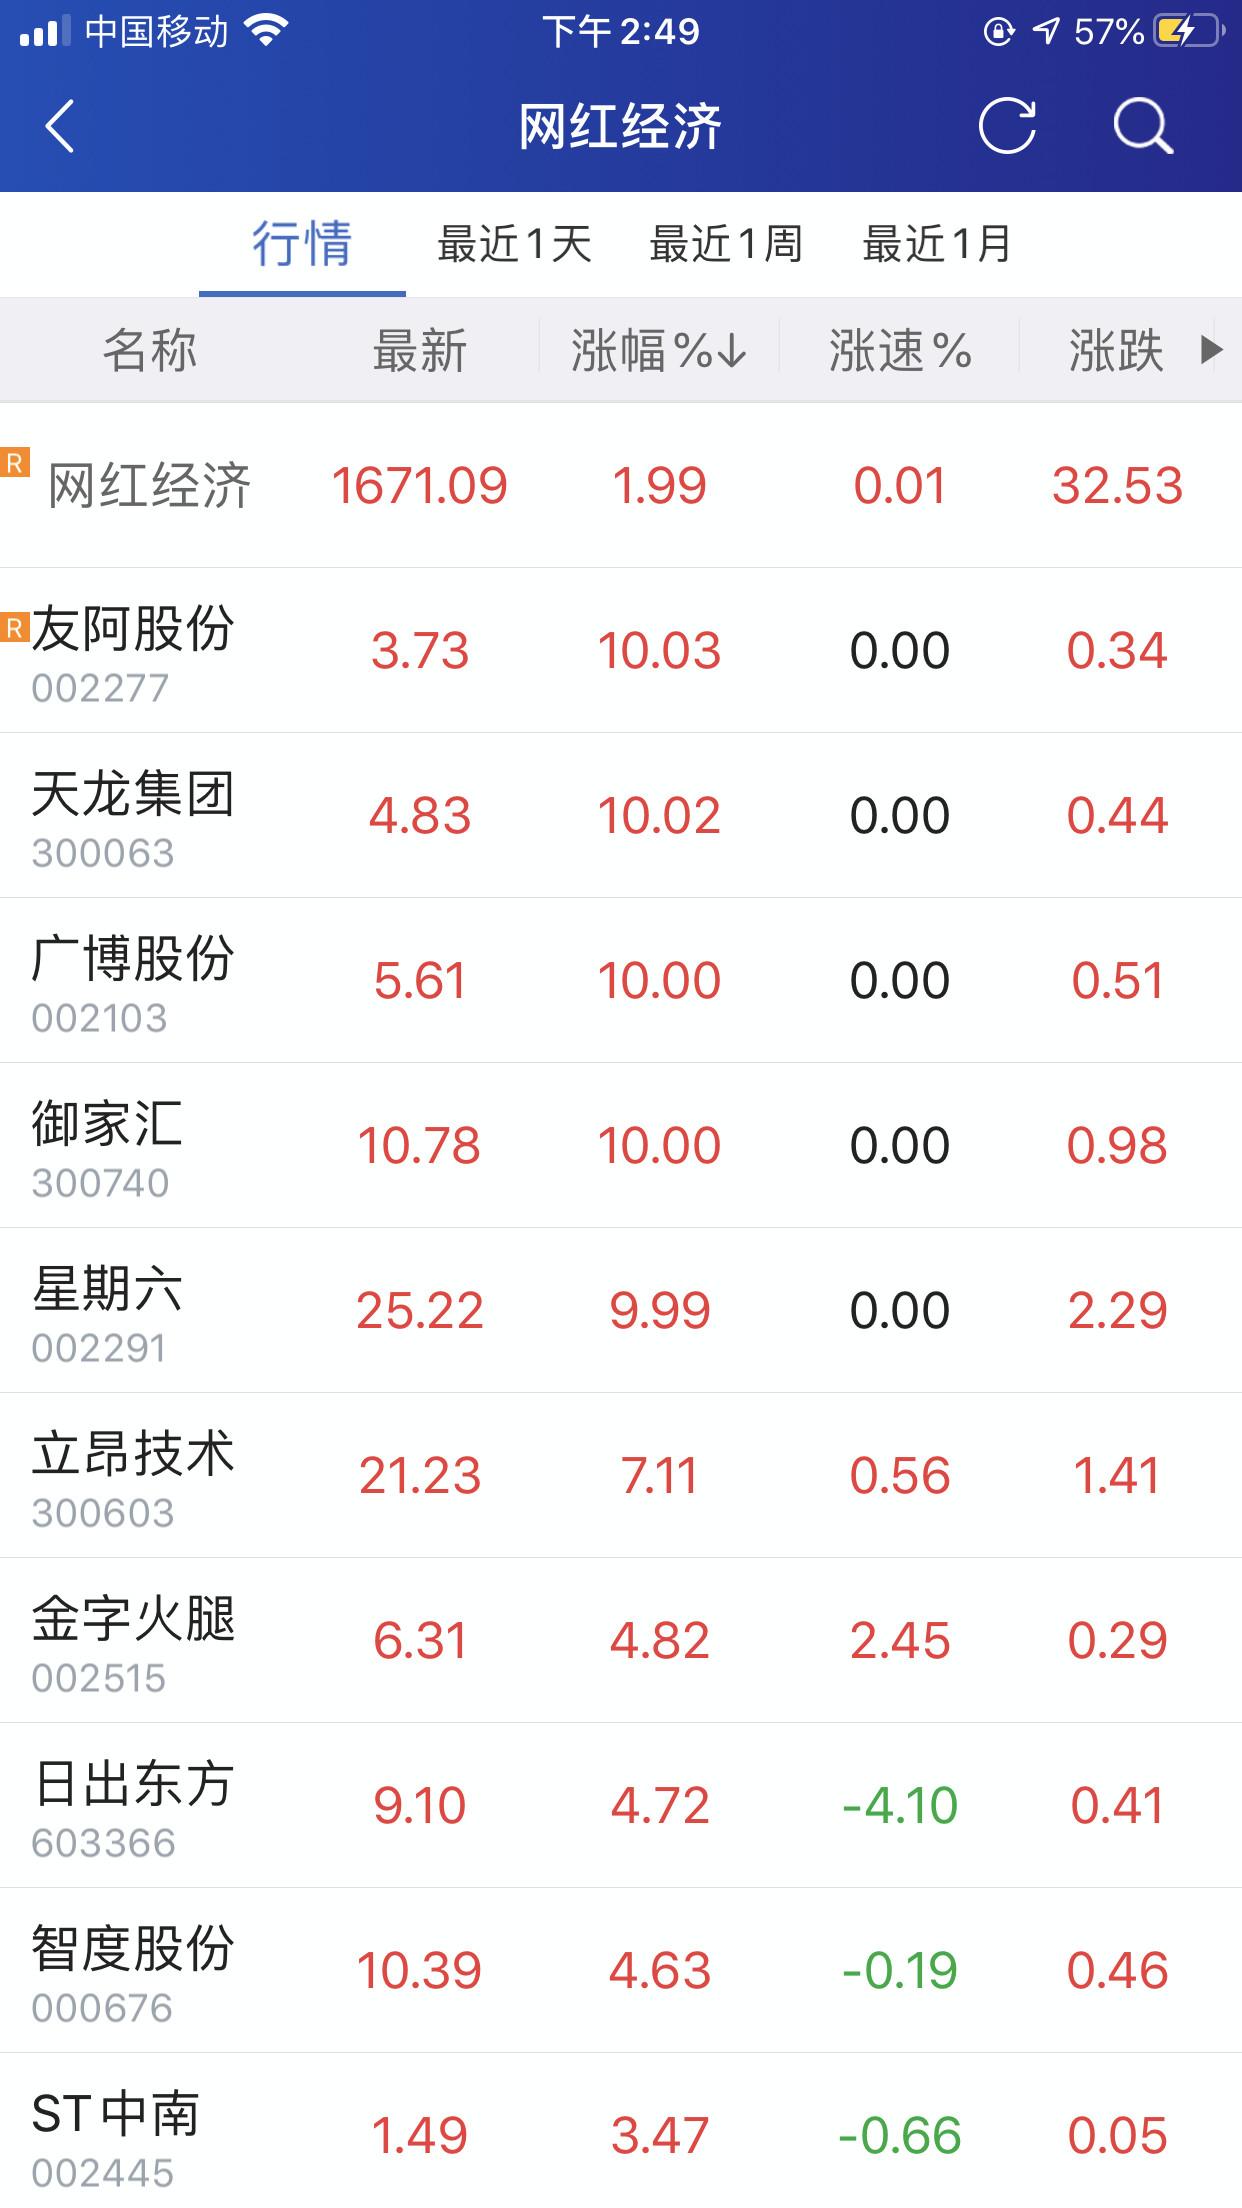 网红经济火爆:概念股月涨幅超20% 李佳琦年赚近2亿